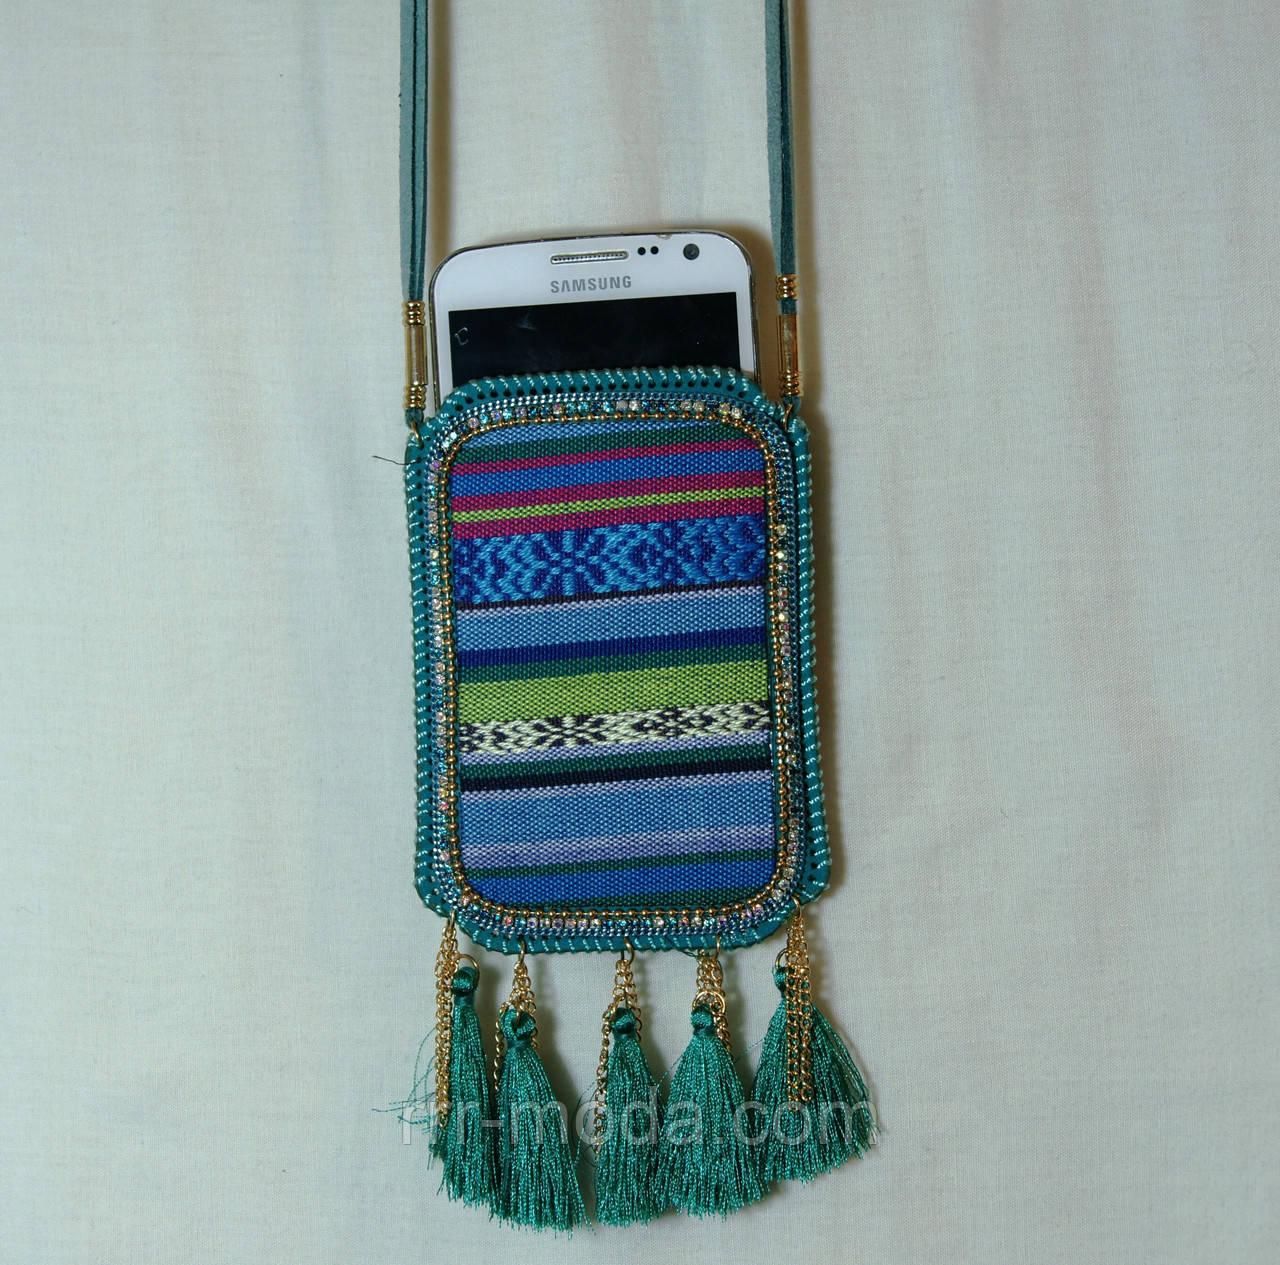 9a19111850a8 Для телефонов, чехлы - сумочки. Женская сумочка на шею для мобильного  телефона 8 -